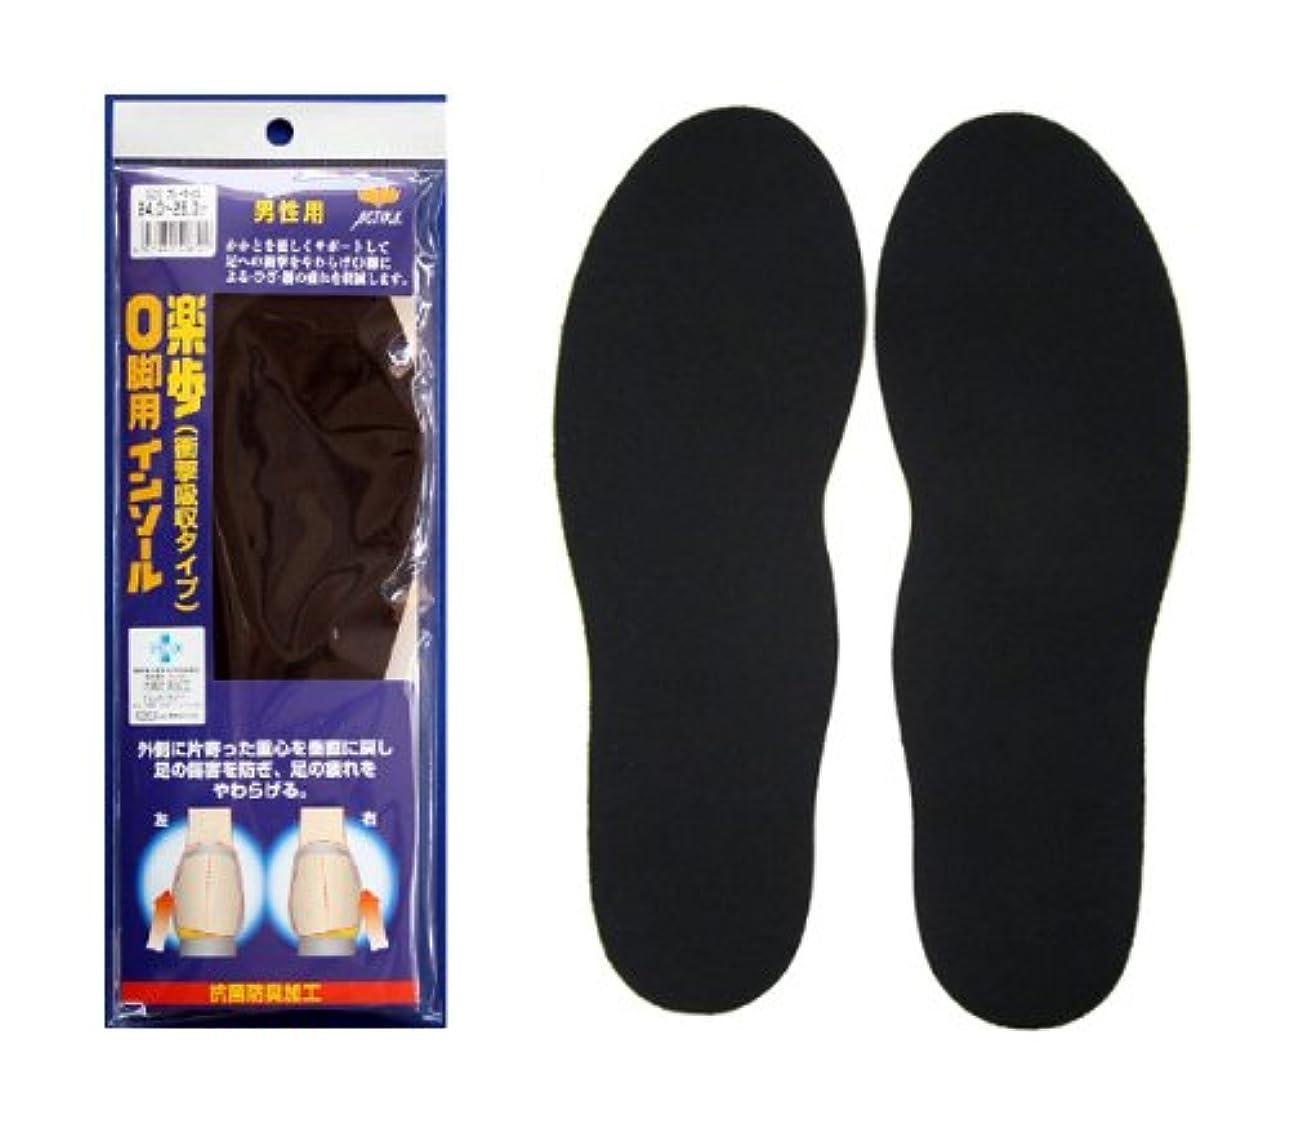 抵抗する谷絶え間ない楽歩 O脚用インソール 男性用(24.0~28.0cm) 2足セット  No.162